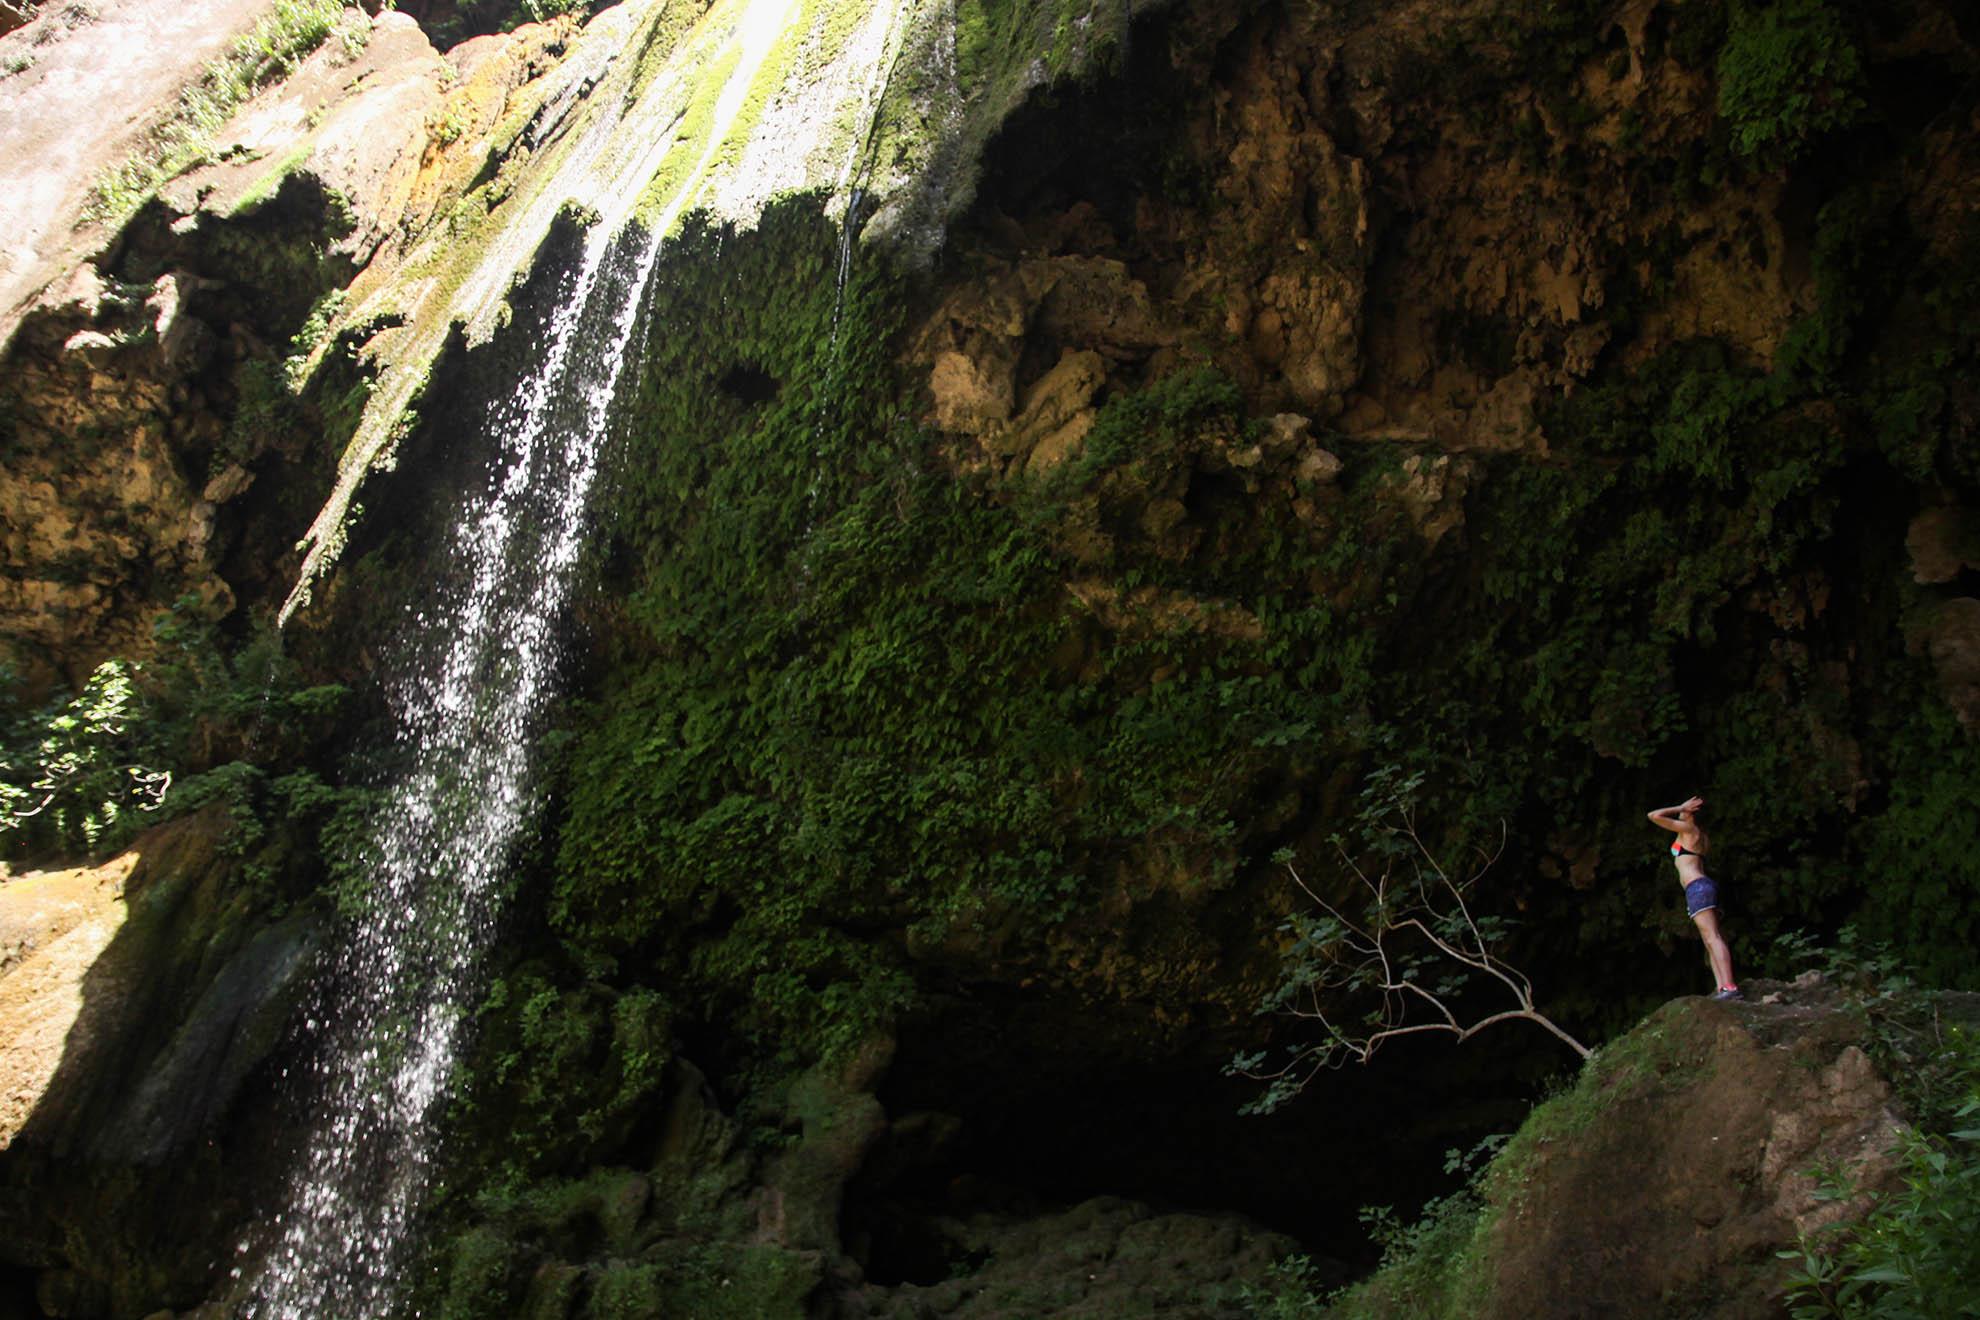 Cascades d'Akchour, un paradis perdu